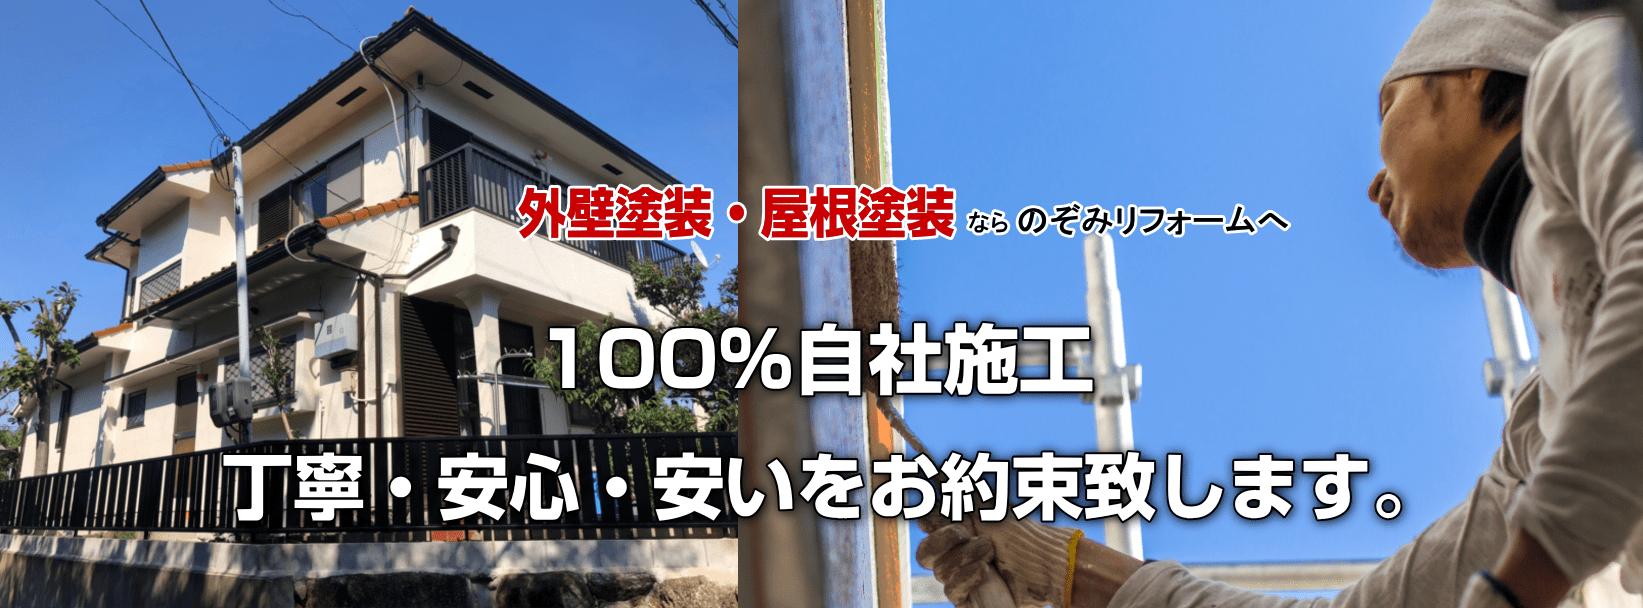 大阪で外壁塗装ならのぞみリフォーム